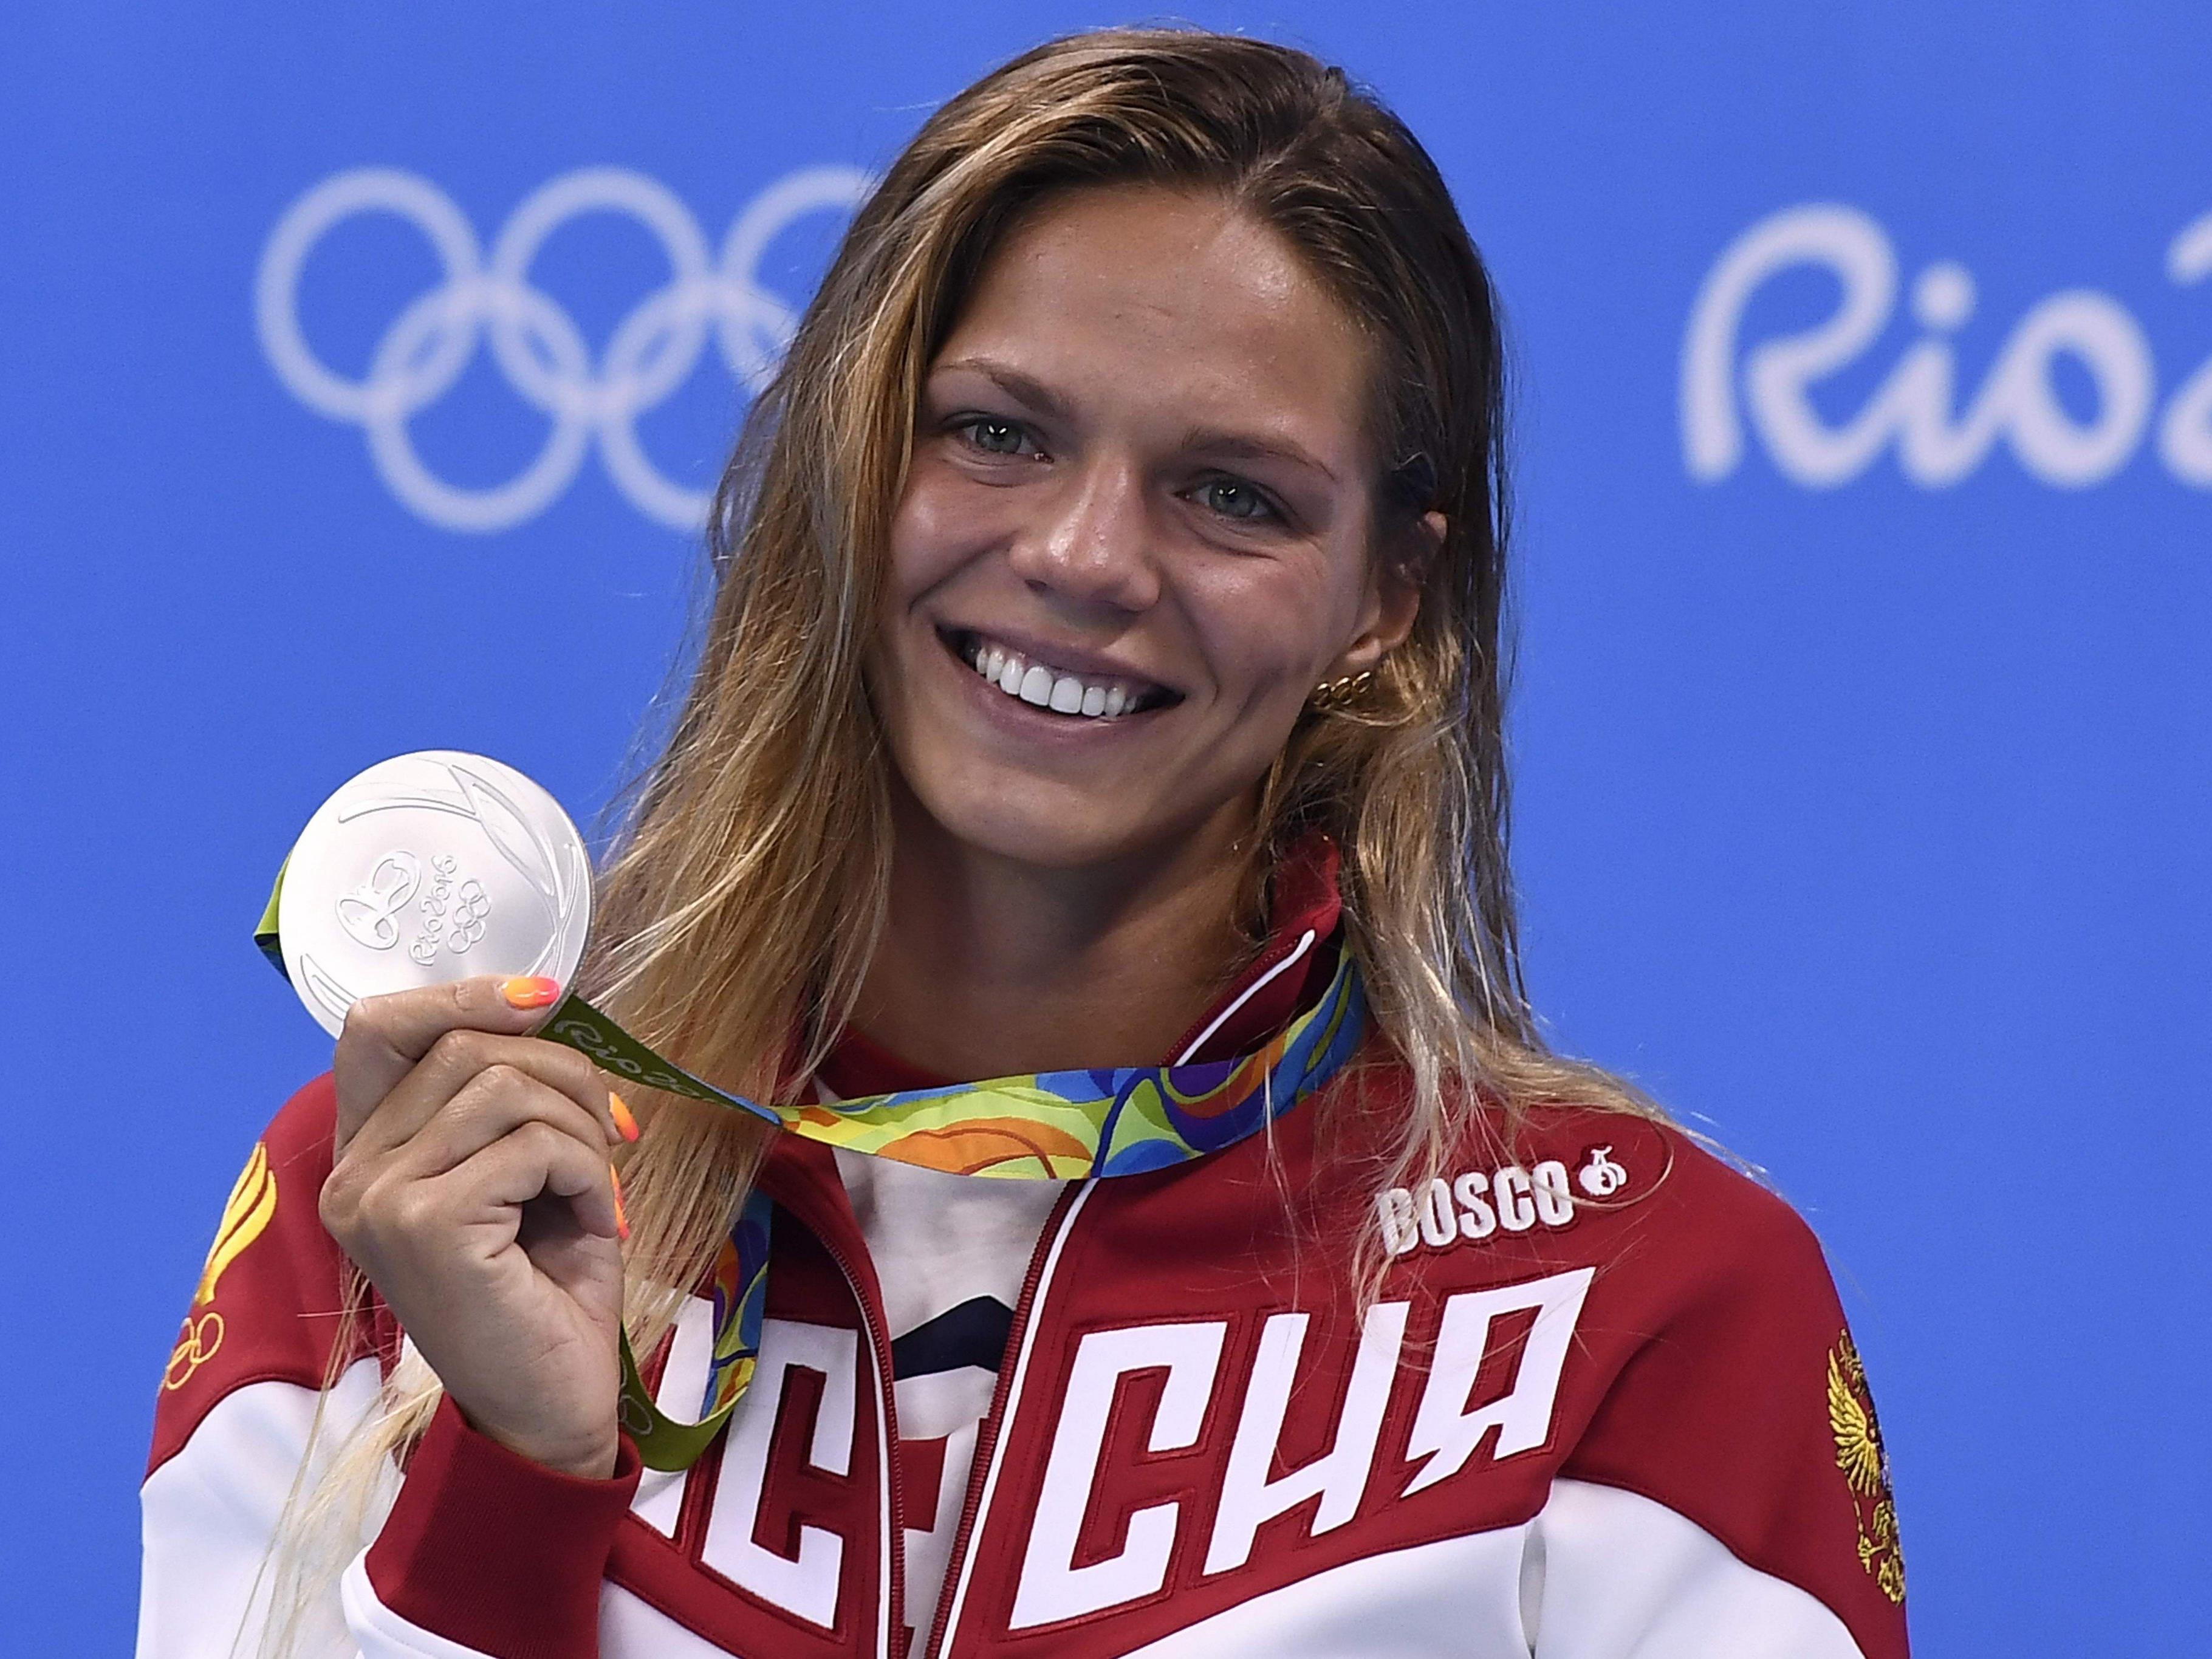 Julia Efimowa schien sich über ihre Silbermedaille zu freuen.